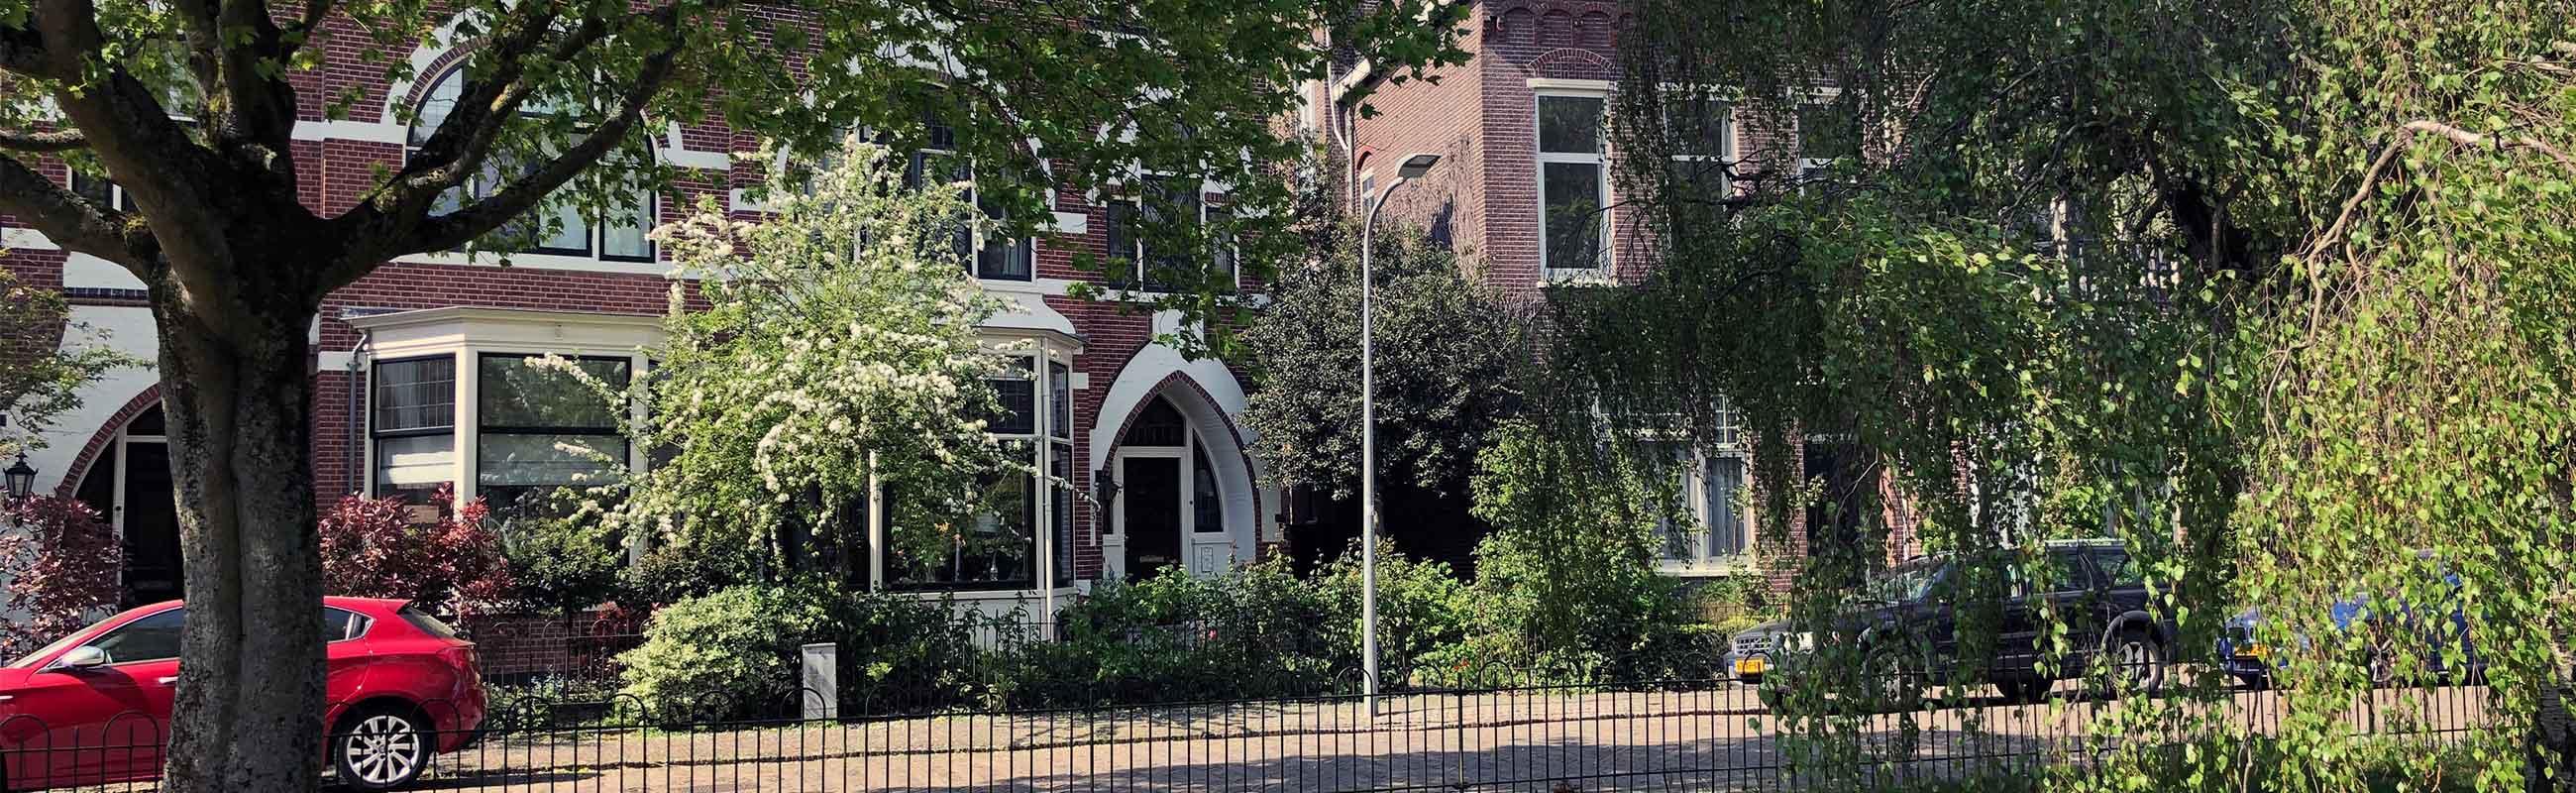 Koopwoningen en Villa's in een groene omgeving in de Koninginnebuurt in Haarlem.